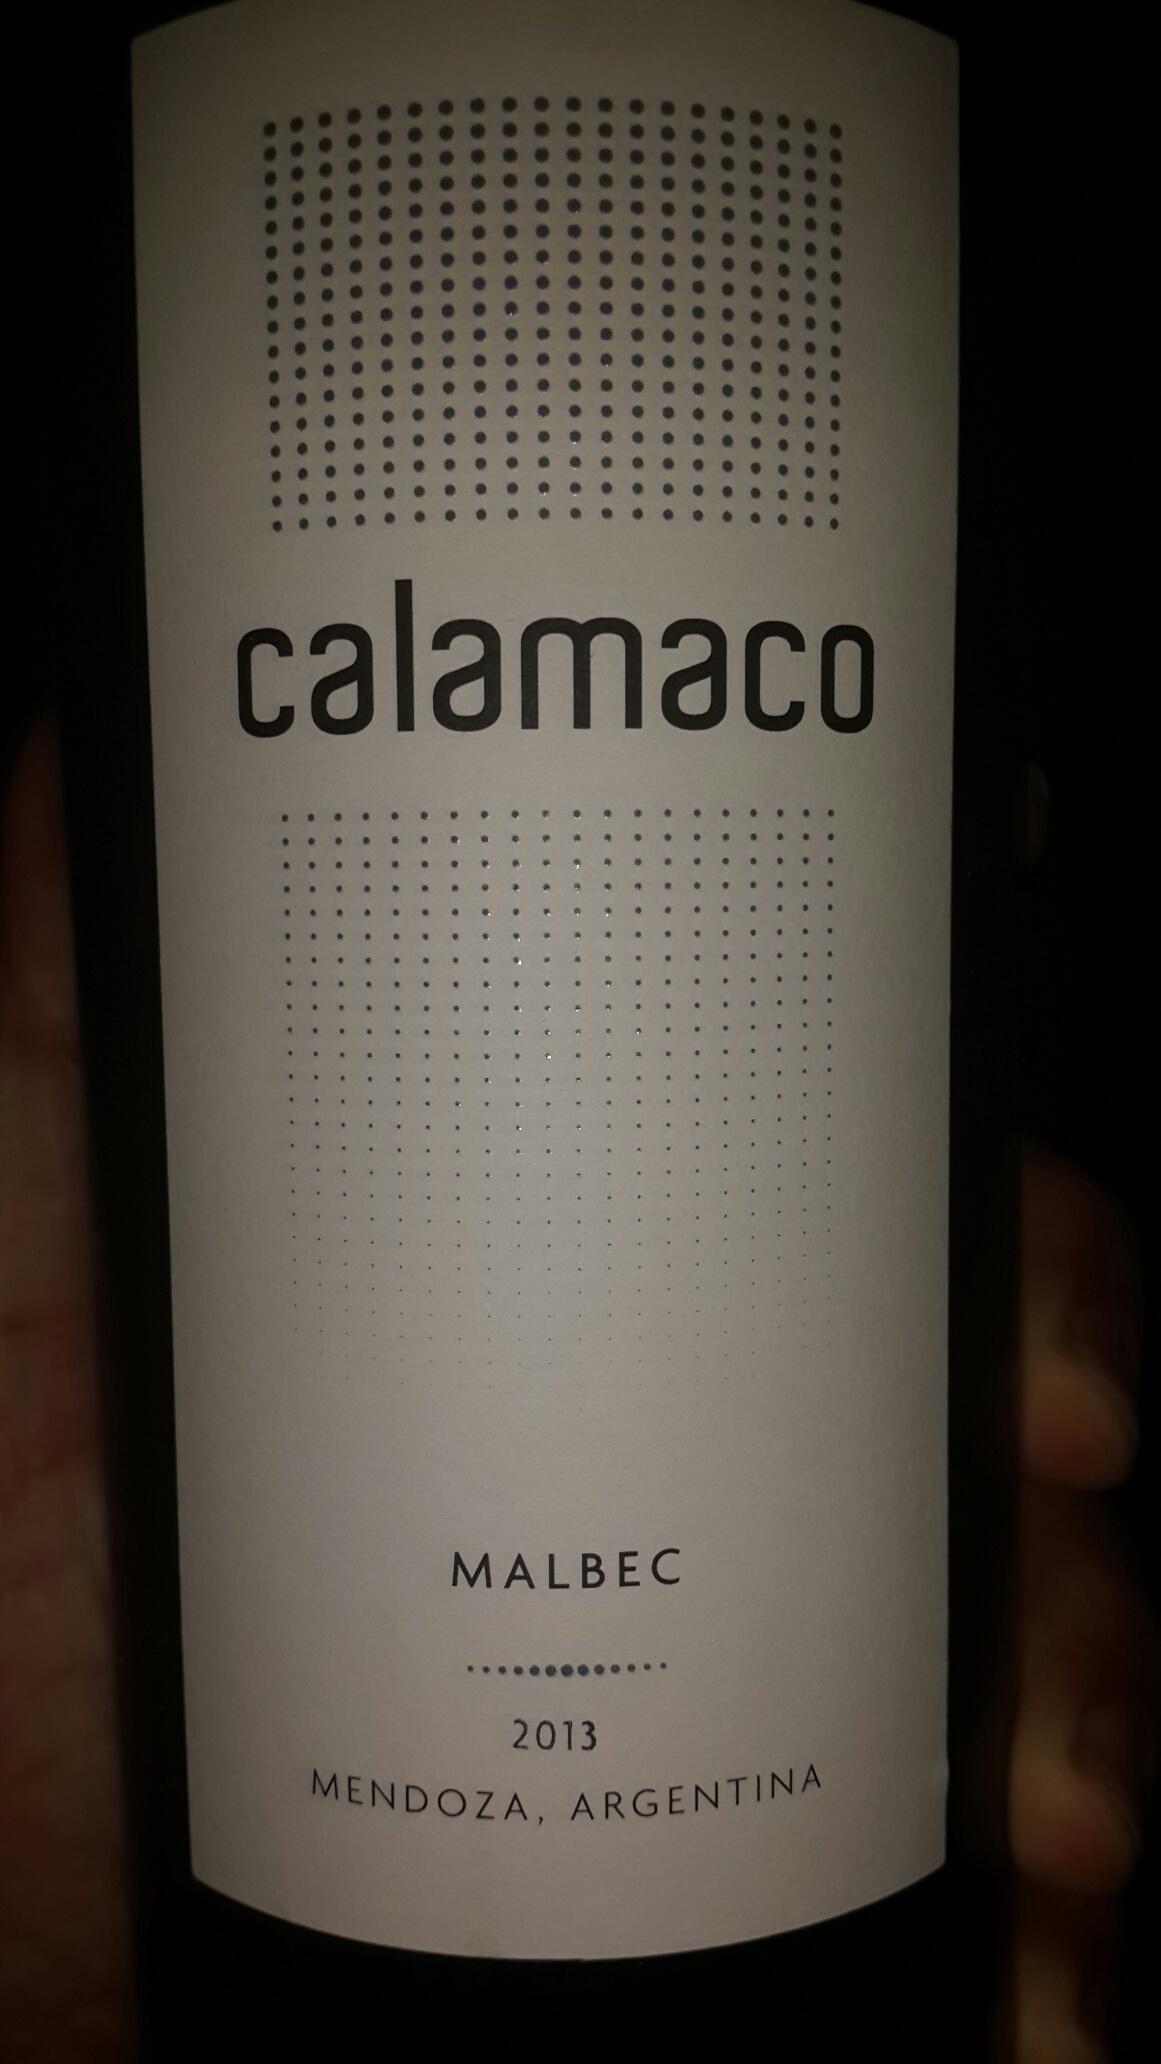 Calamaco